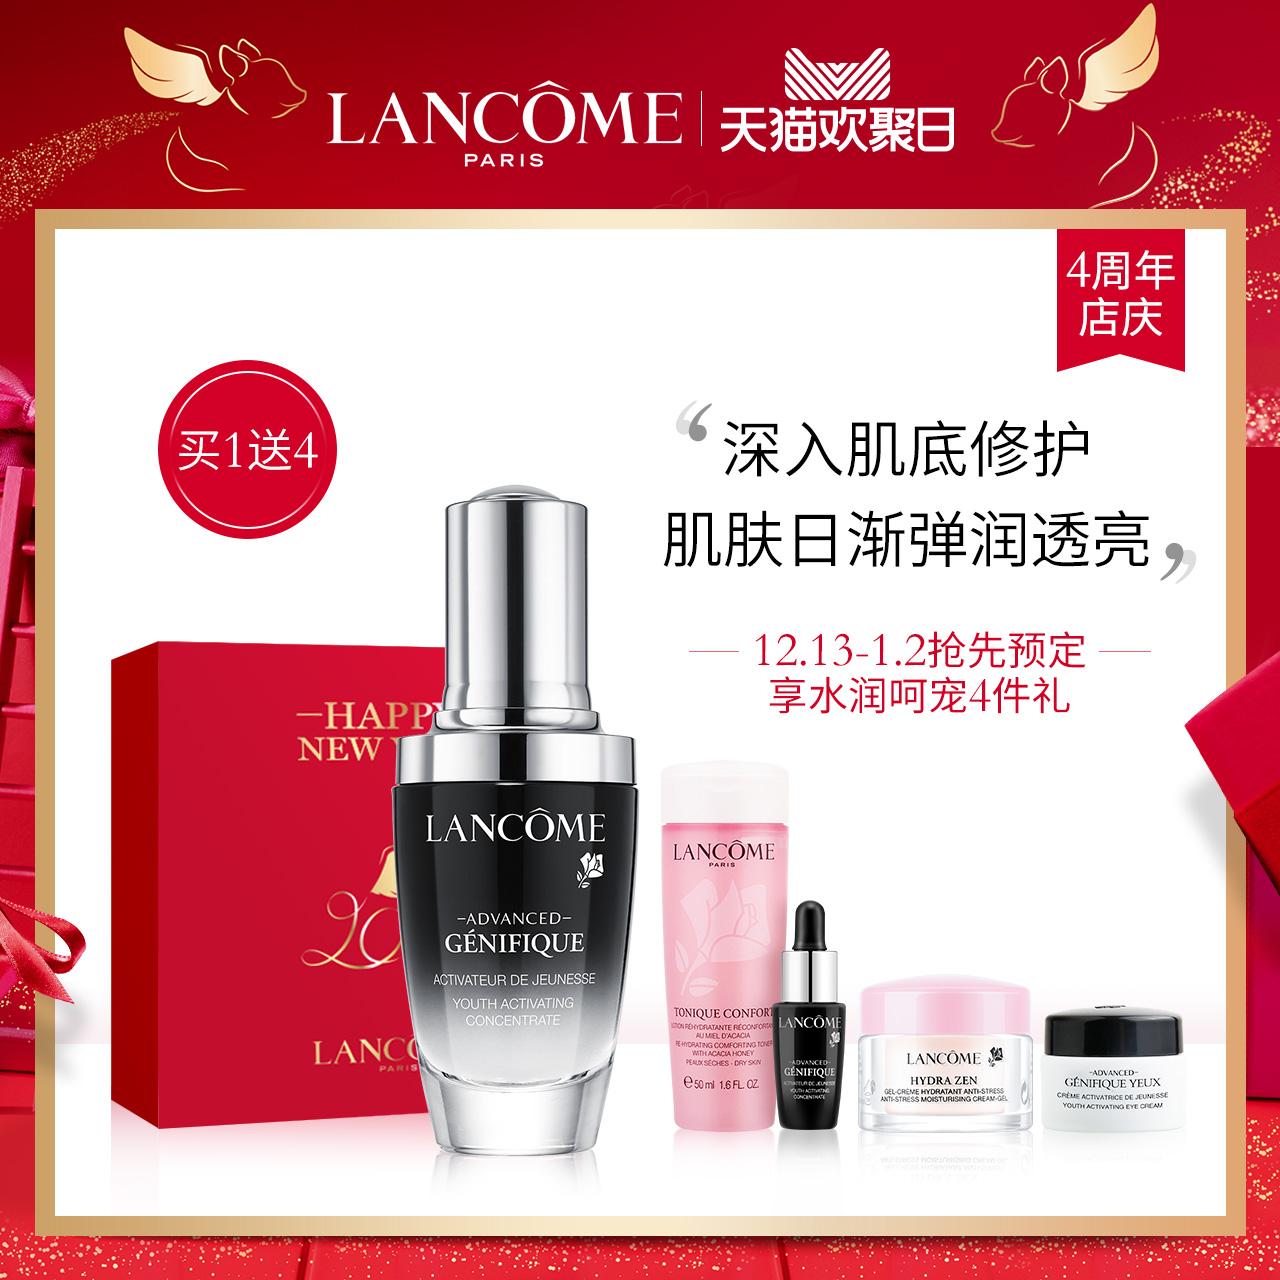 【新年预售】兰蔻小黑瓶面部精华肌底液30ml强韧修护改善干燥细纹